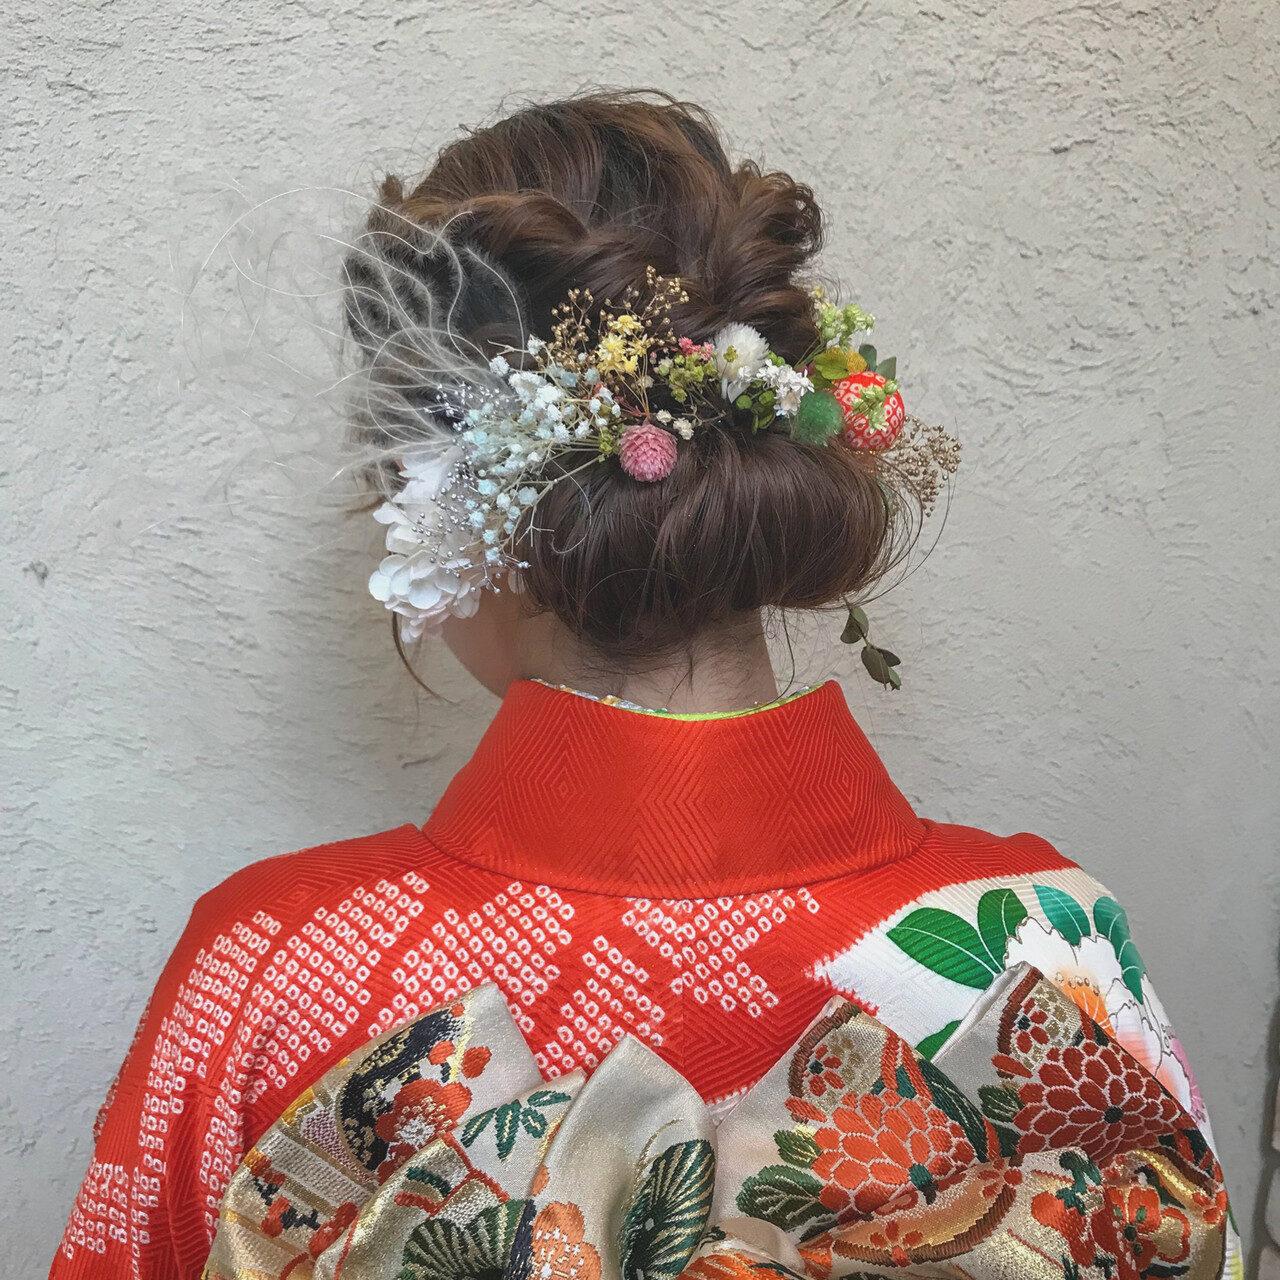 成人式の髪型は清楚一択!そんなあなたに贈る、振袖にぴったりのヘアアレンジ集